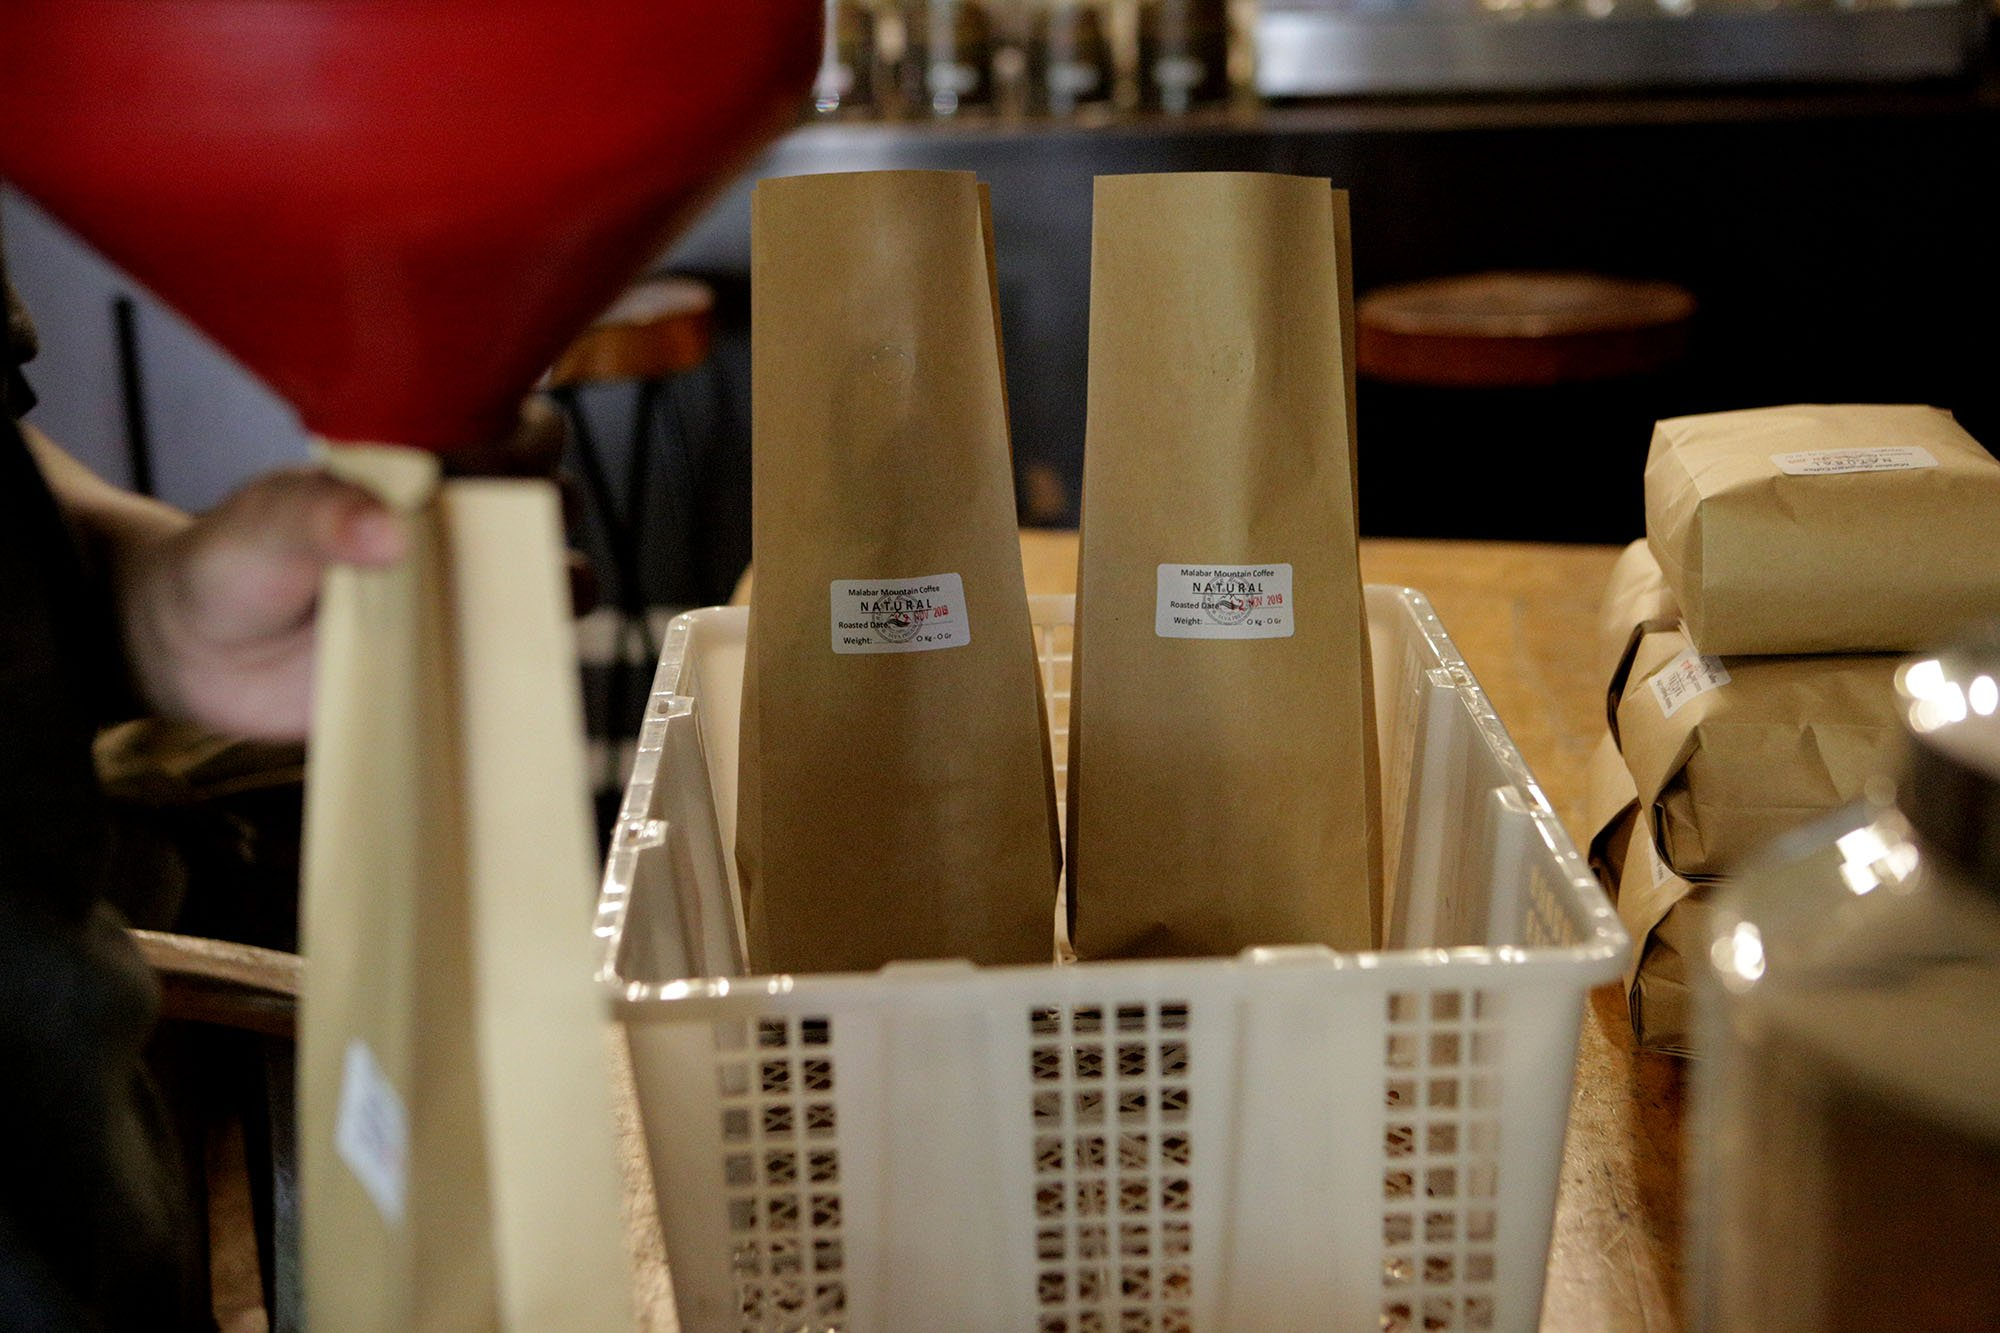 Proses pengemasan kopi yang telah diolah di di warung kopi Malabar Mountain Coffee, Bogor, (13/11/2019).